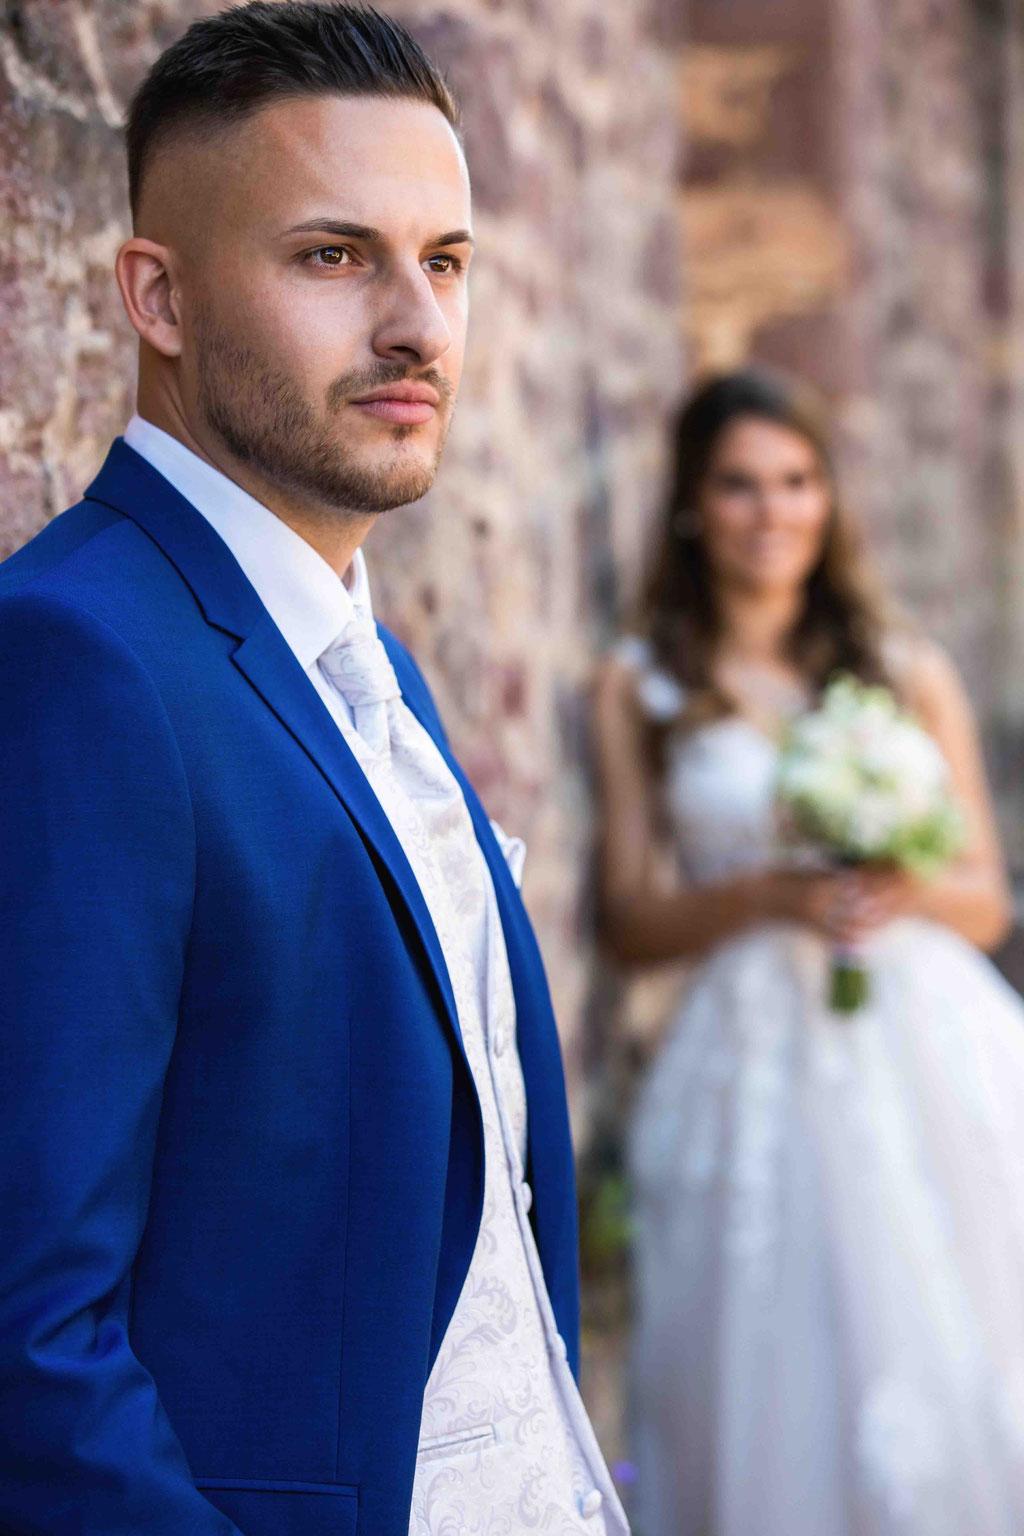 Hochzeitsbilder mit Schärfentiefe, Bewegte Hochzeitsfotografie, bewegte Hochzeitsbilder, bewegte Hochzeitsfotos